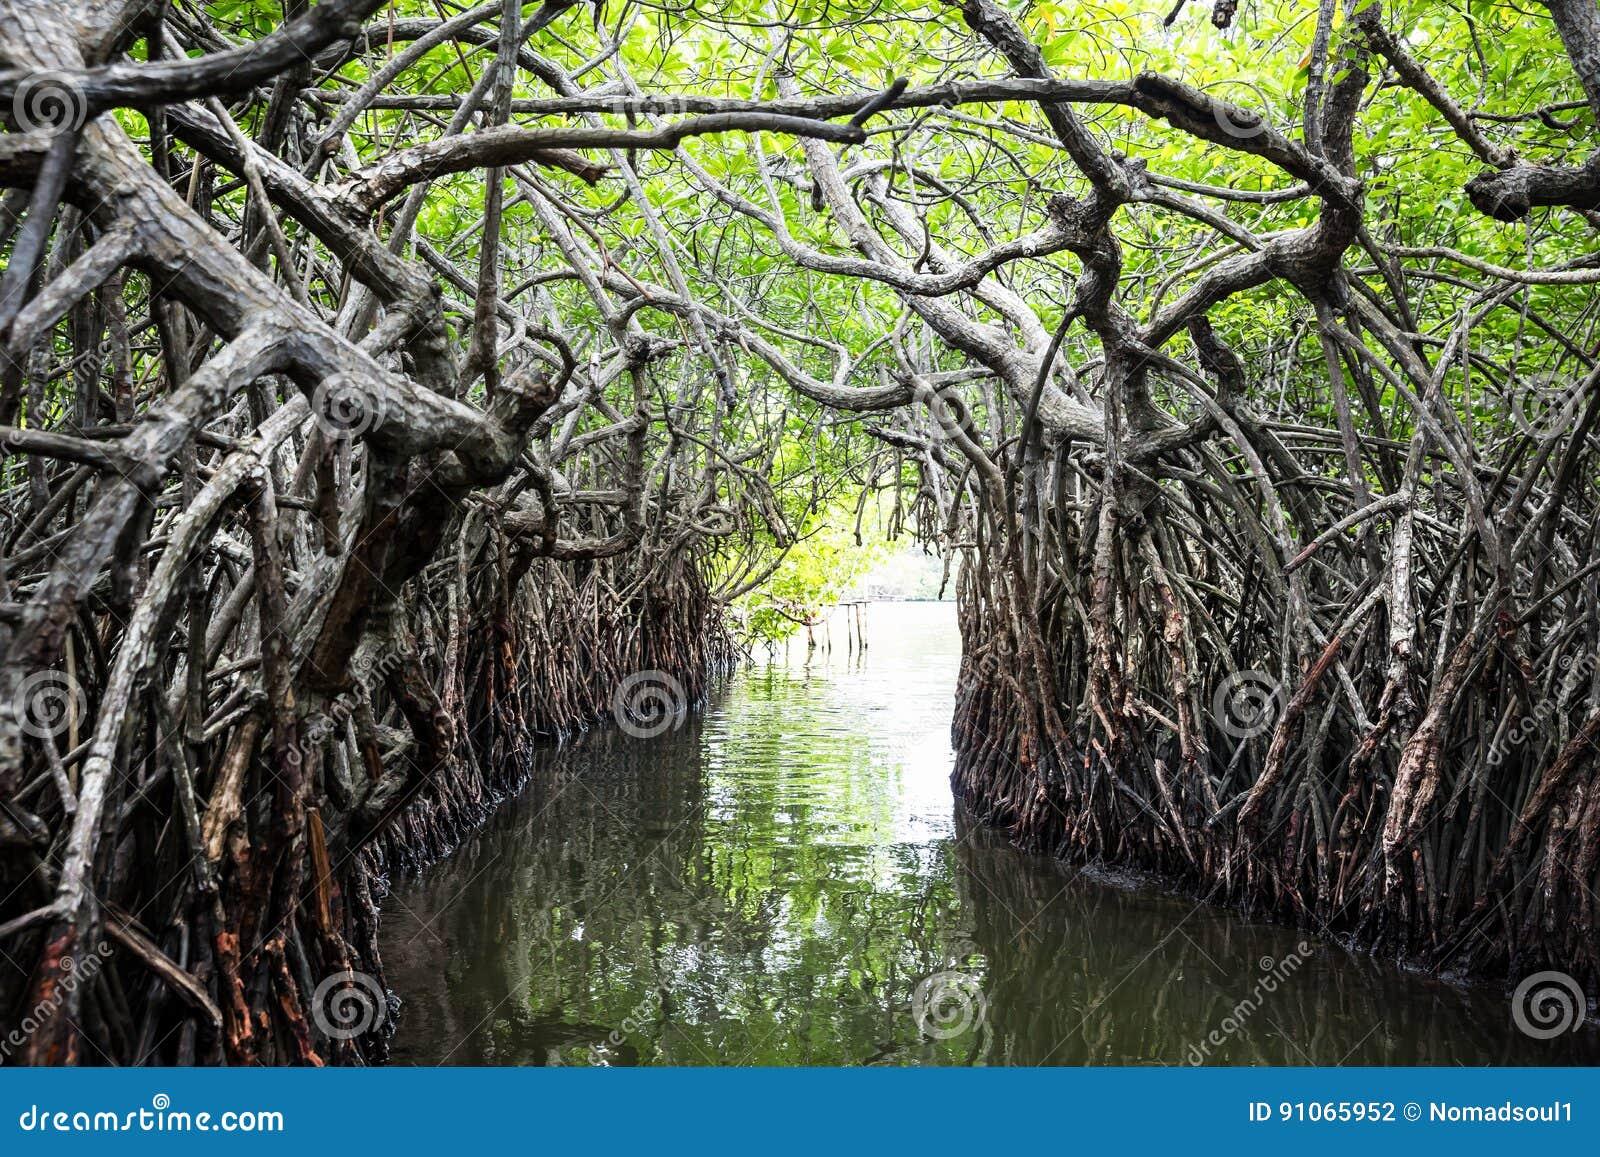 Wildernisrivier en tropische mangroven op Ceylon